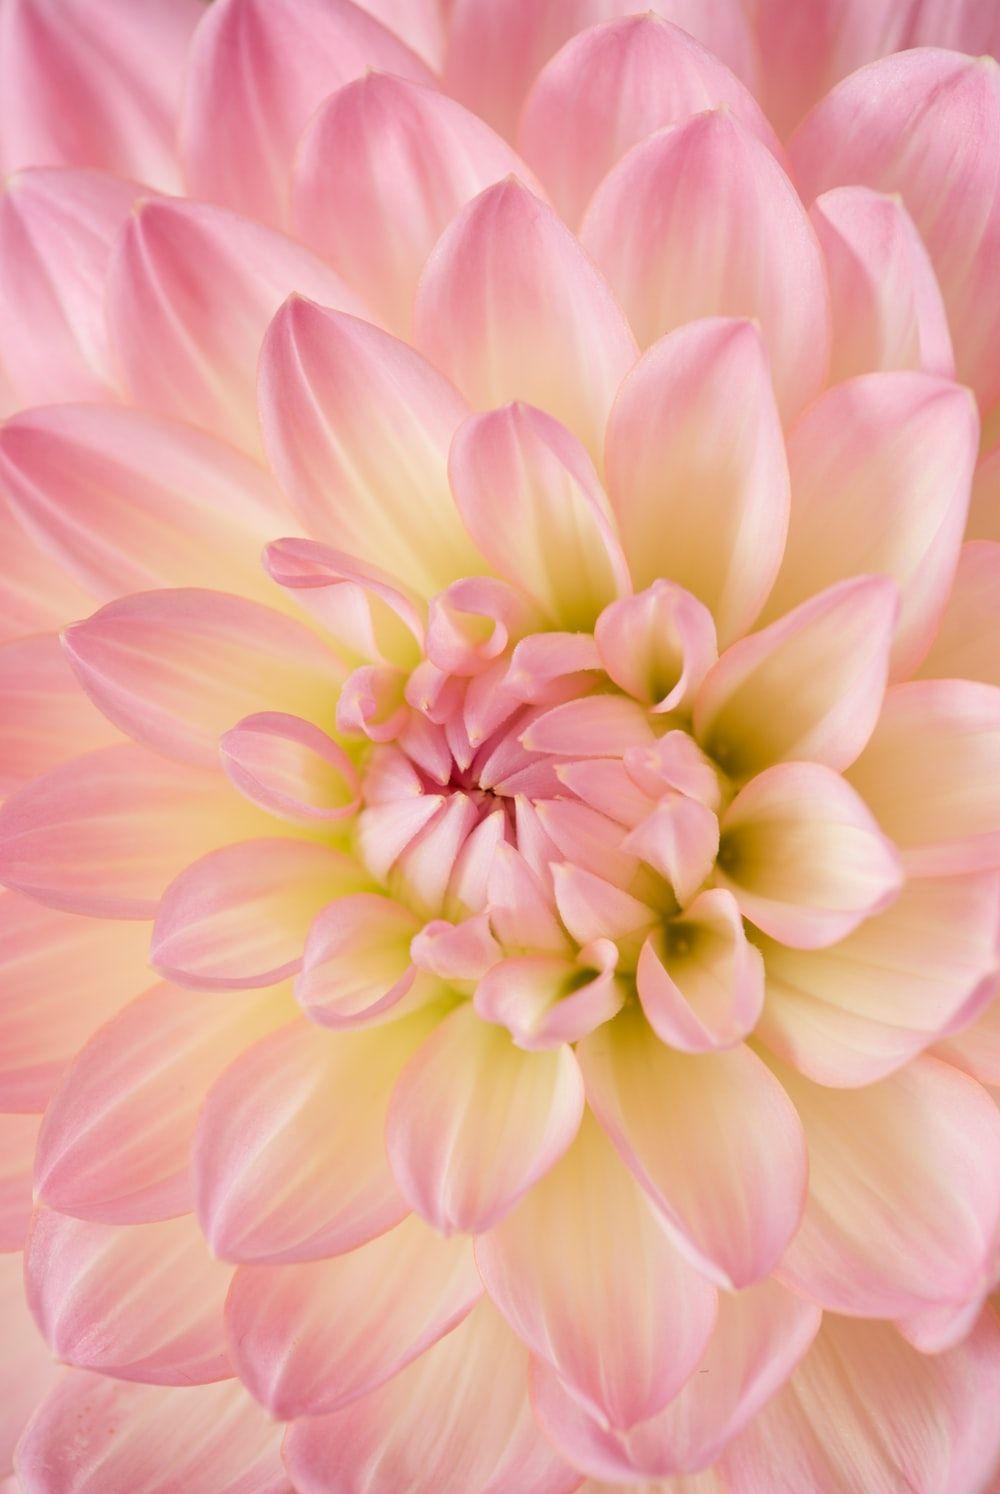 Flowers Wallpapers - Top Free Flowers ...